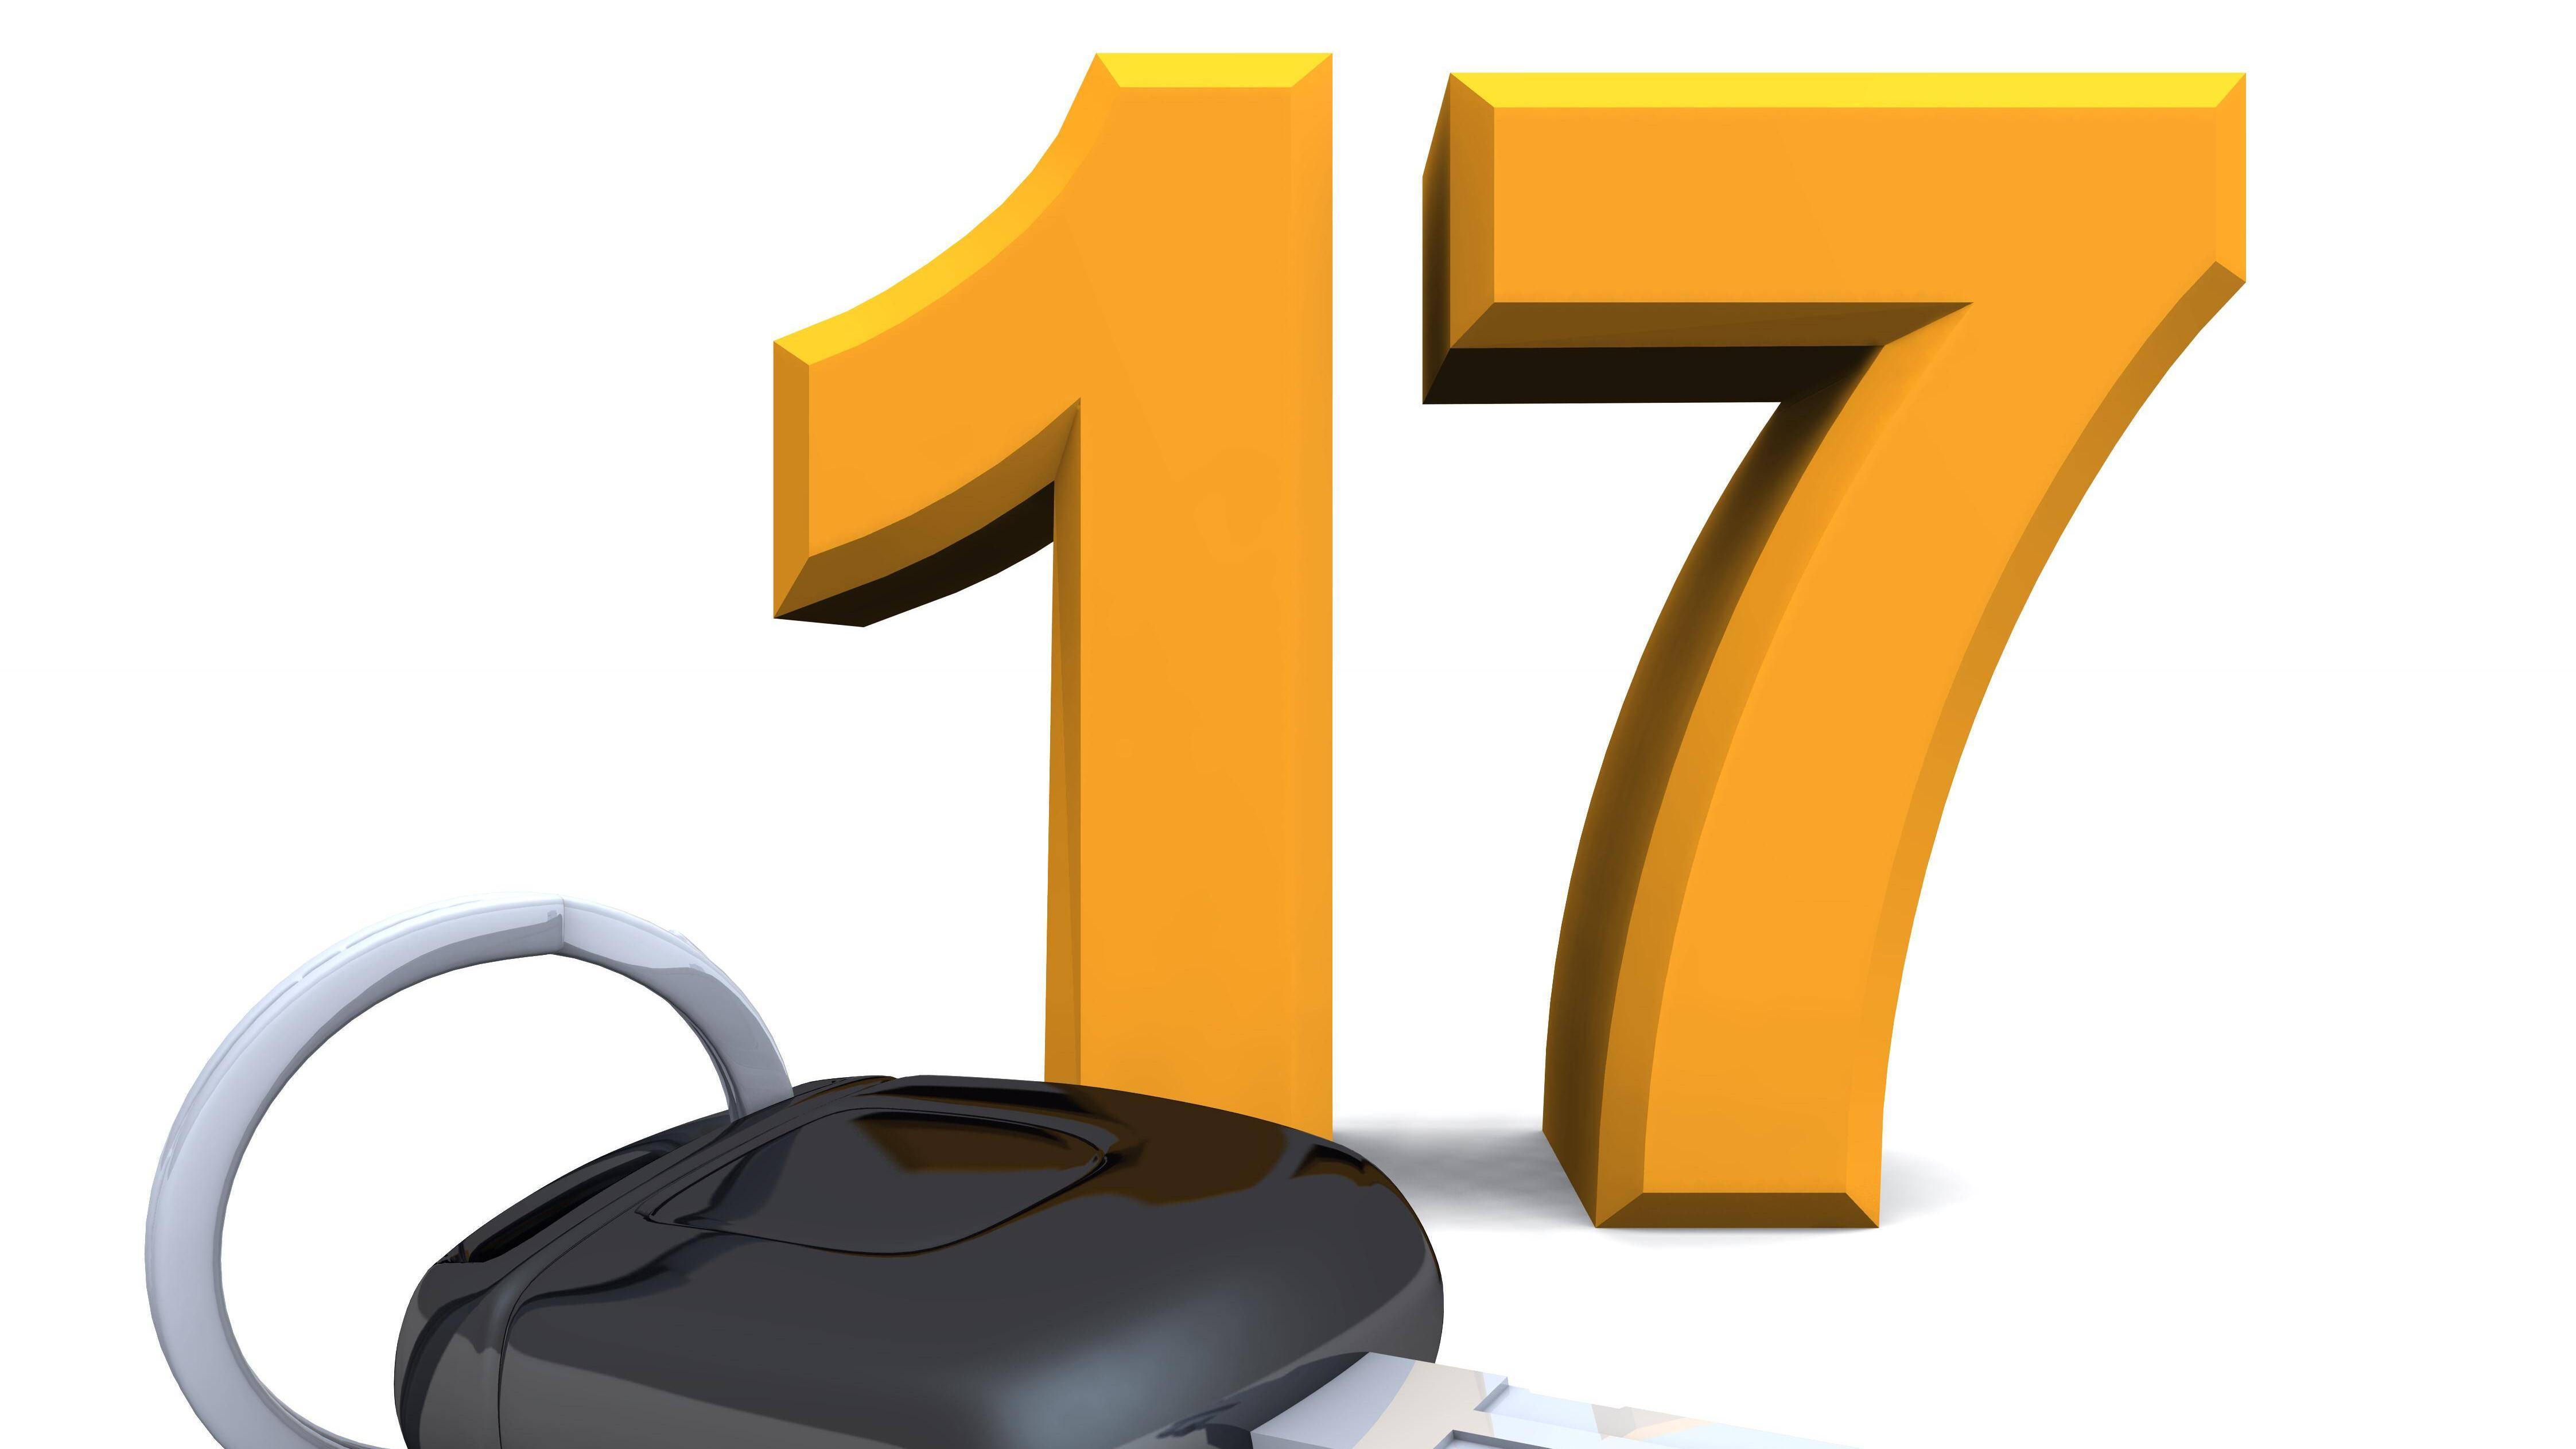 Fahren mit 17 wird auch begleitetes Fahren genannt. Bis zum vollendeten 18. Lebensjahr sind eingetragene Begleitpersonen mitzunehmen.